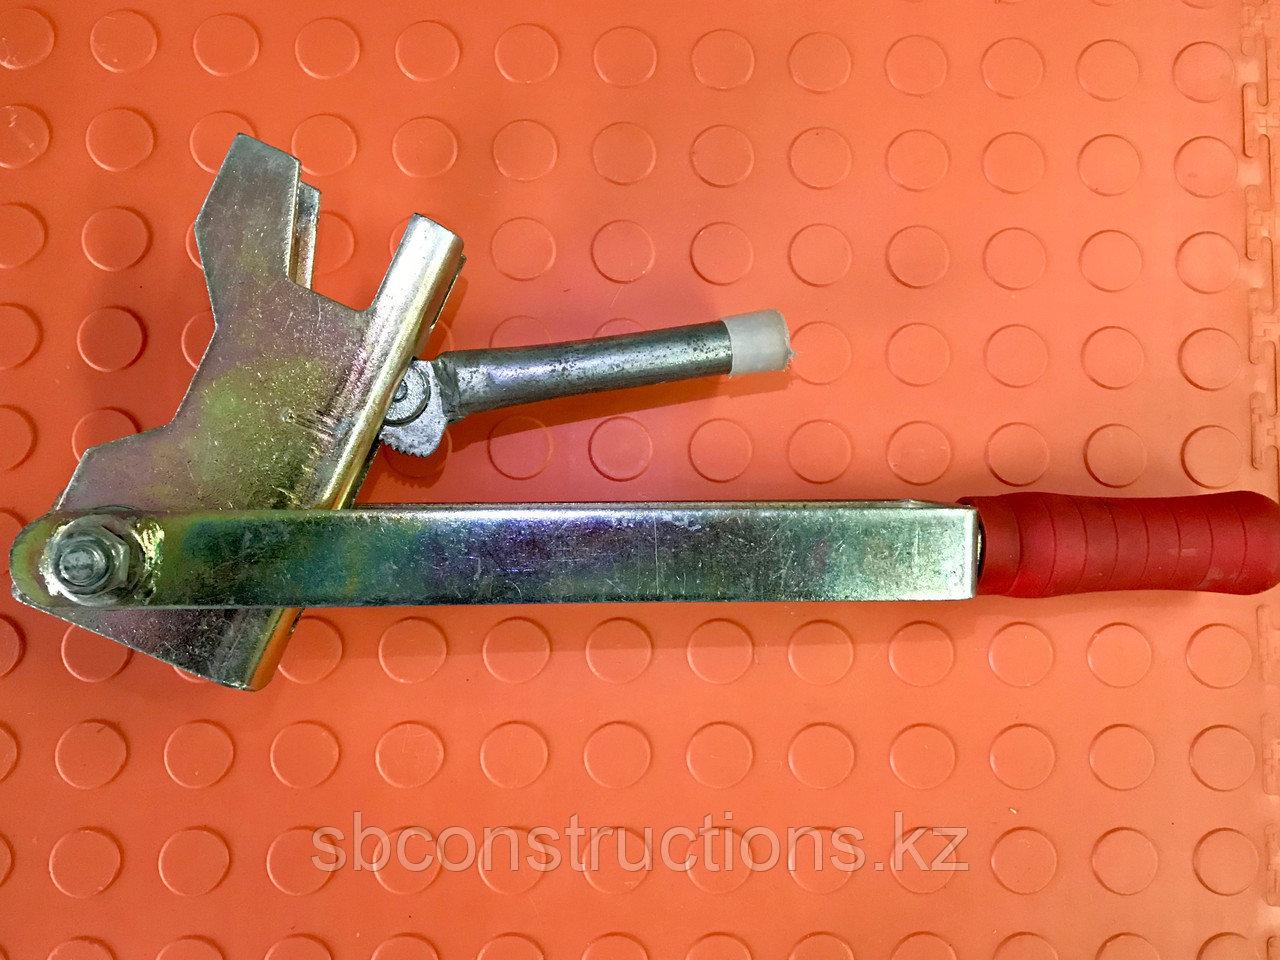 Аренда рычажного ключа  для пружинного зажима (чирозы).